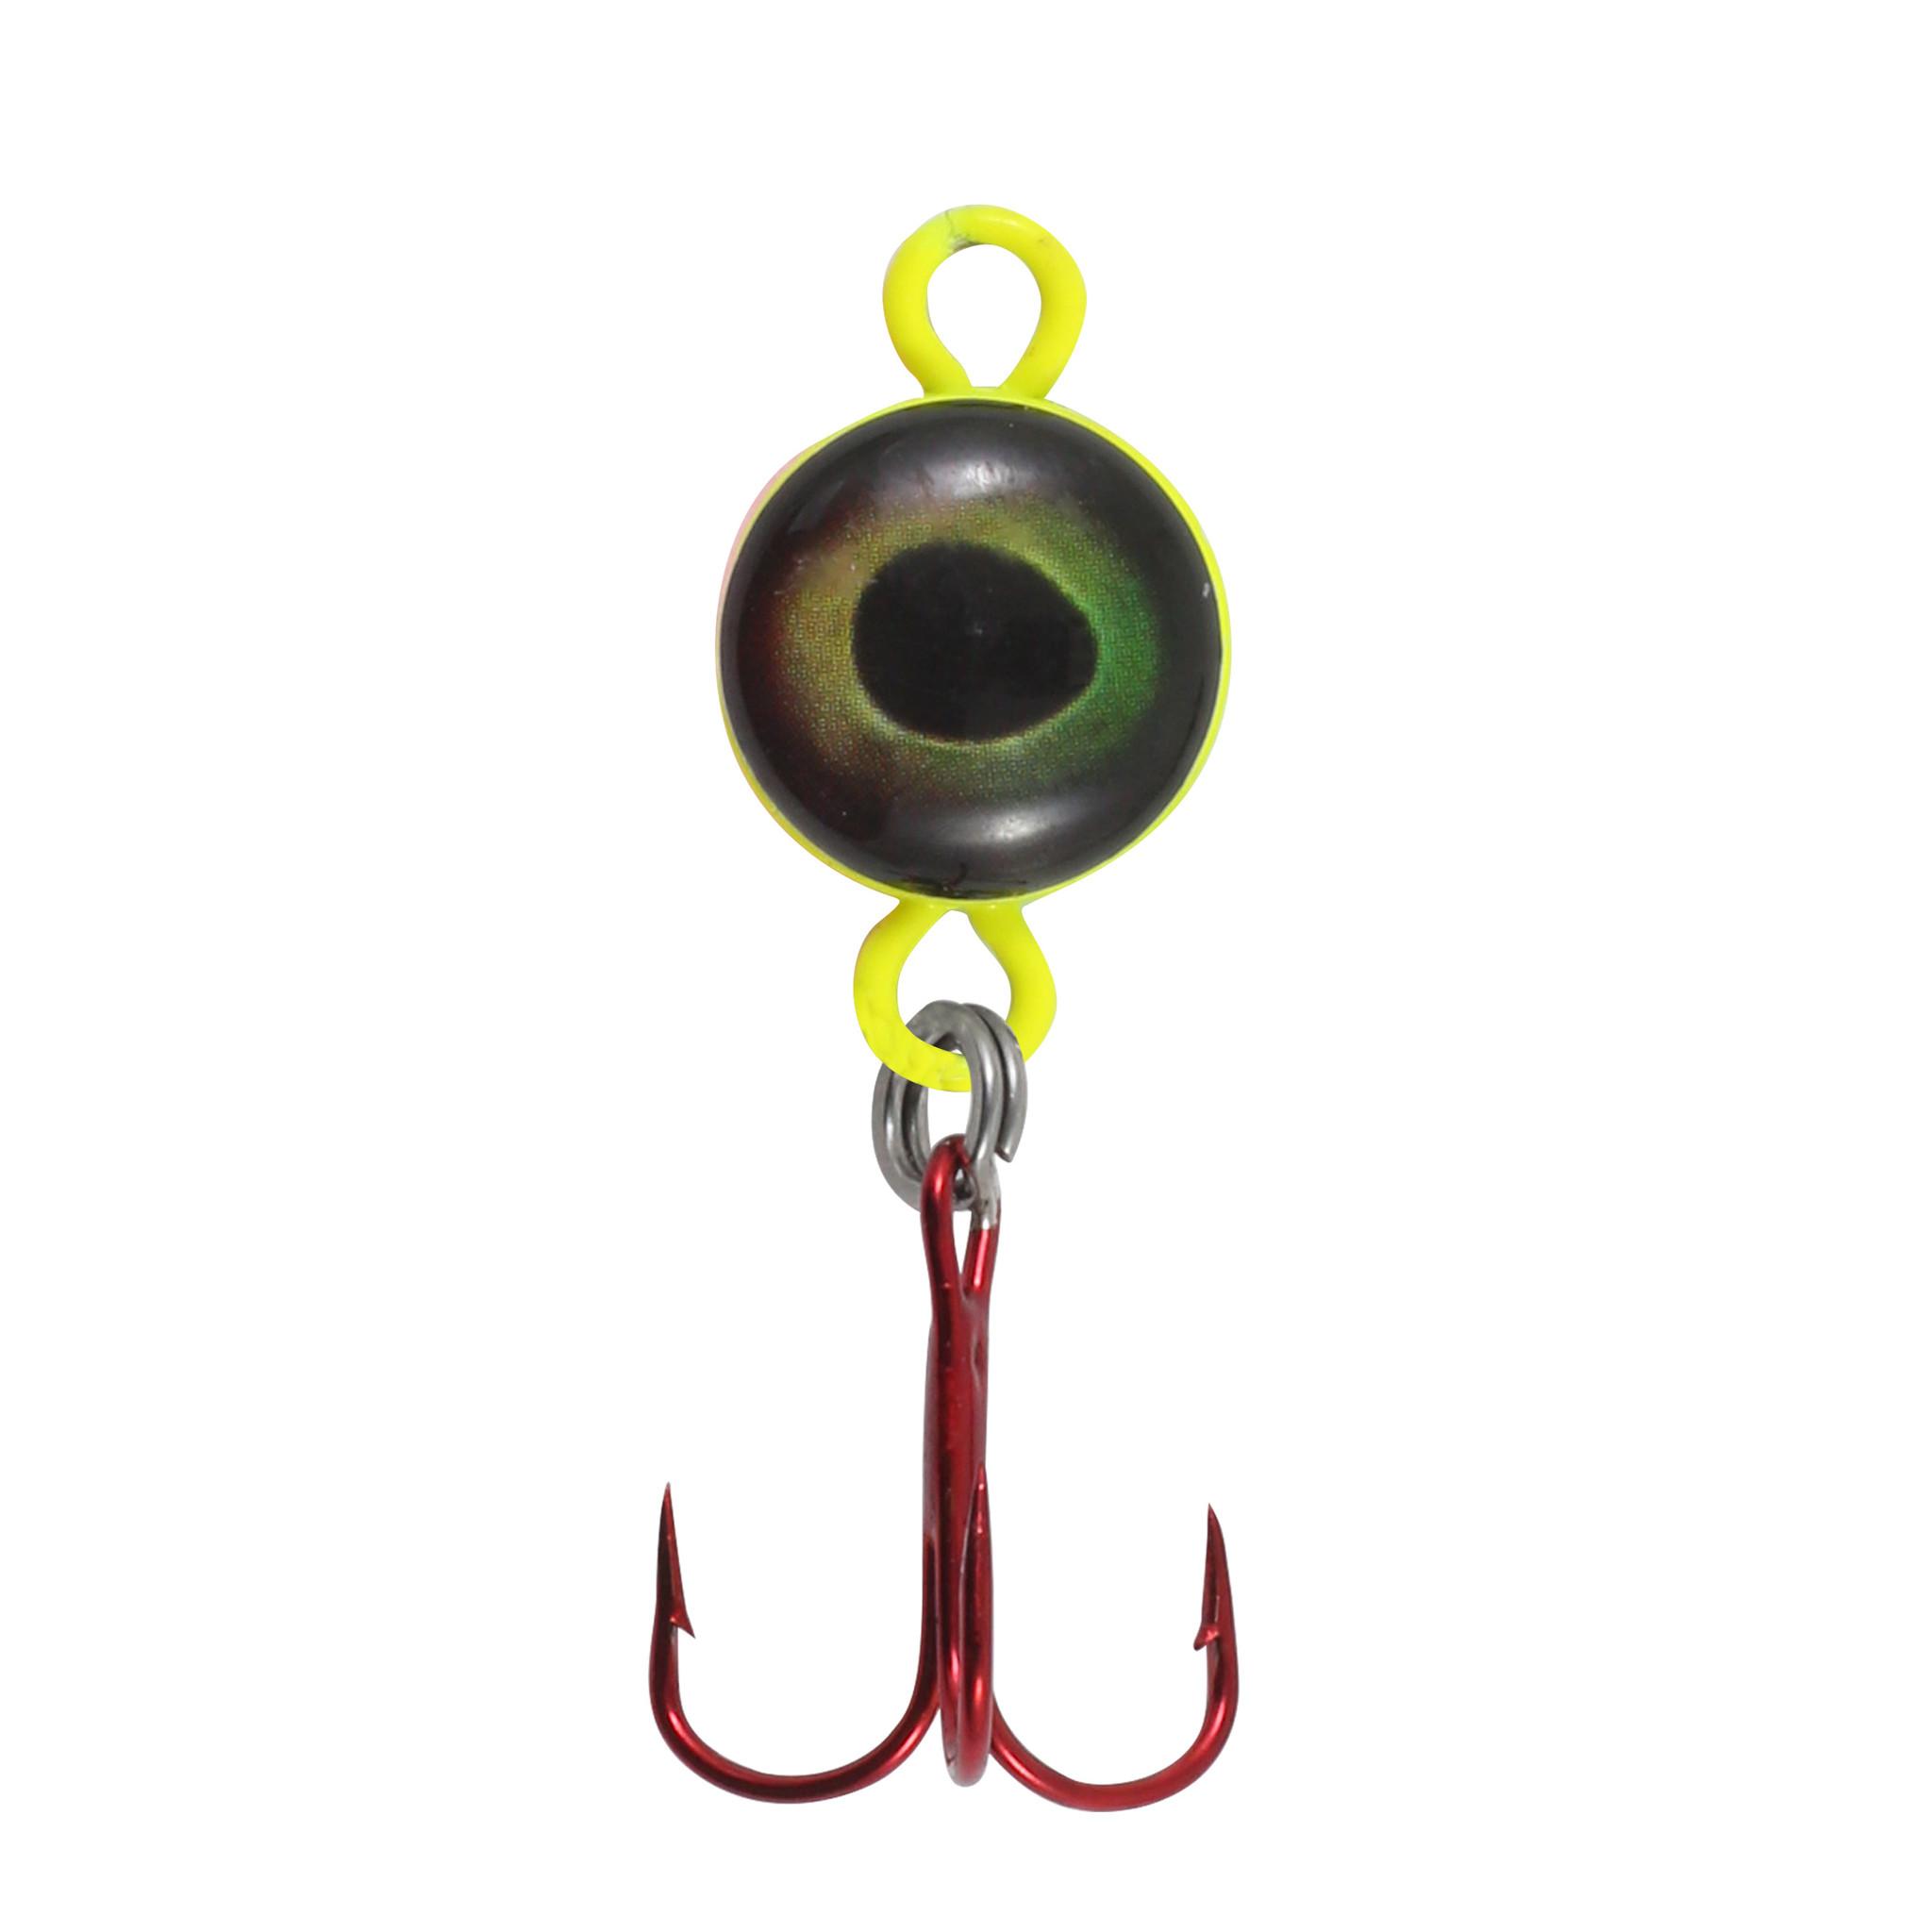 Northland Eye Ball Spoon